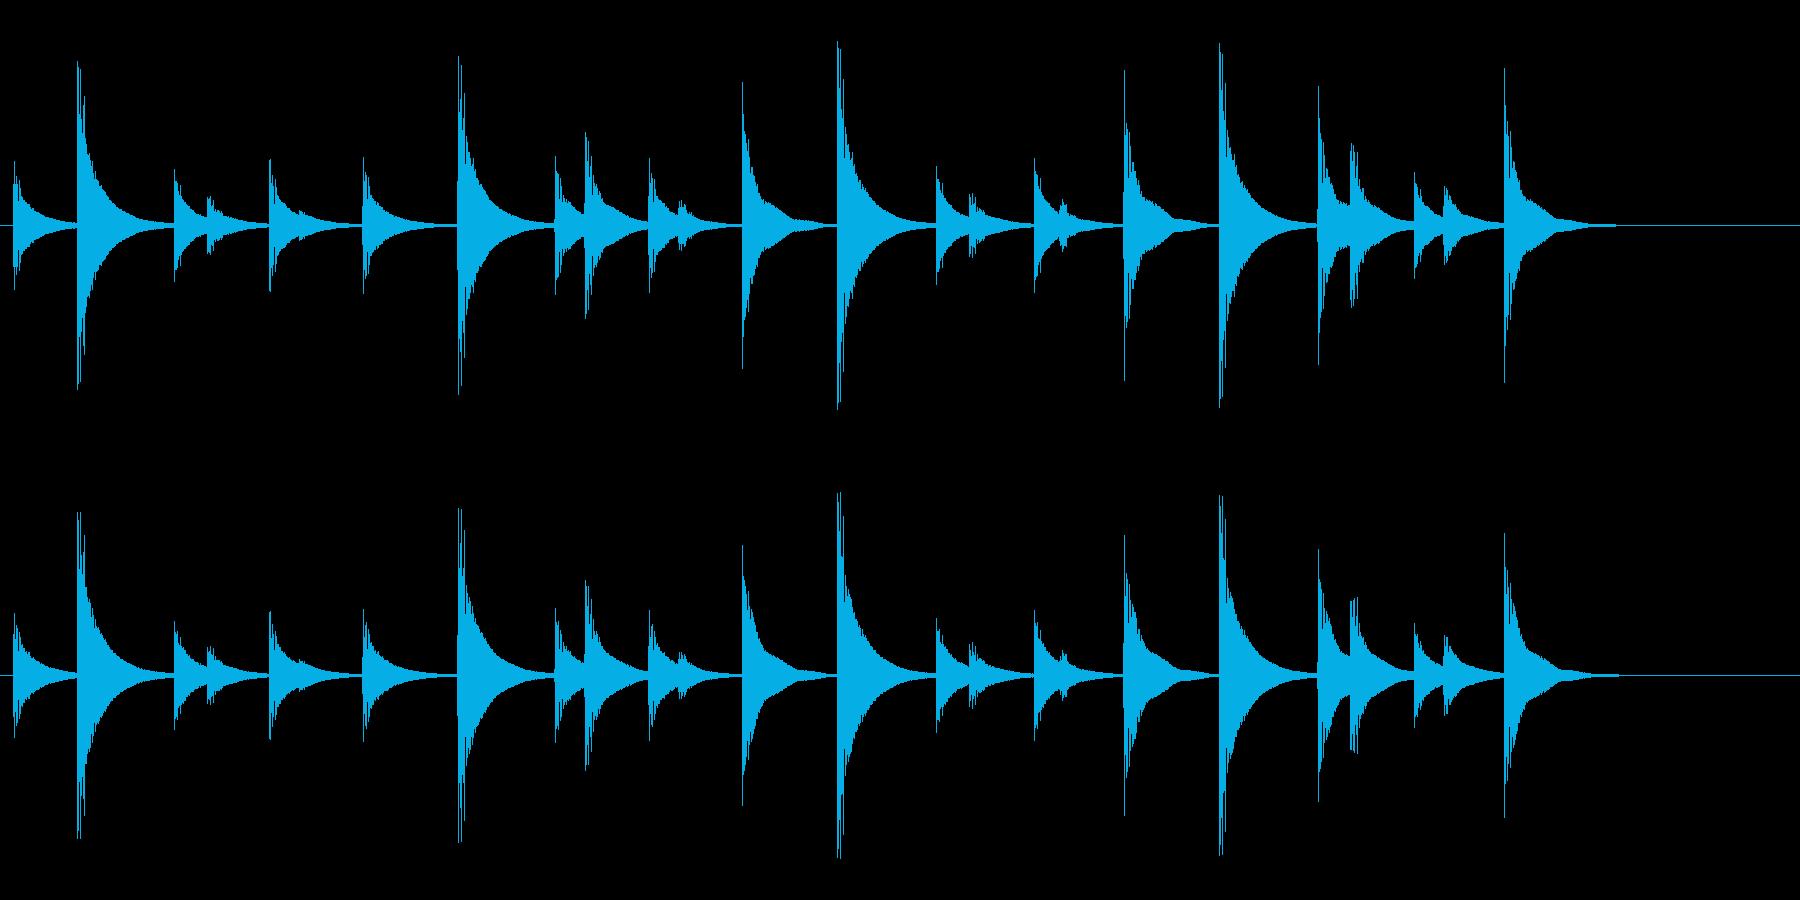 和太鼓の締太鼓のお祭りフレーズ音の再生済みの波形